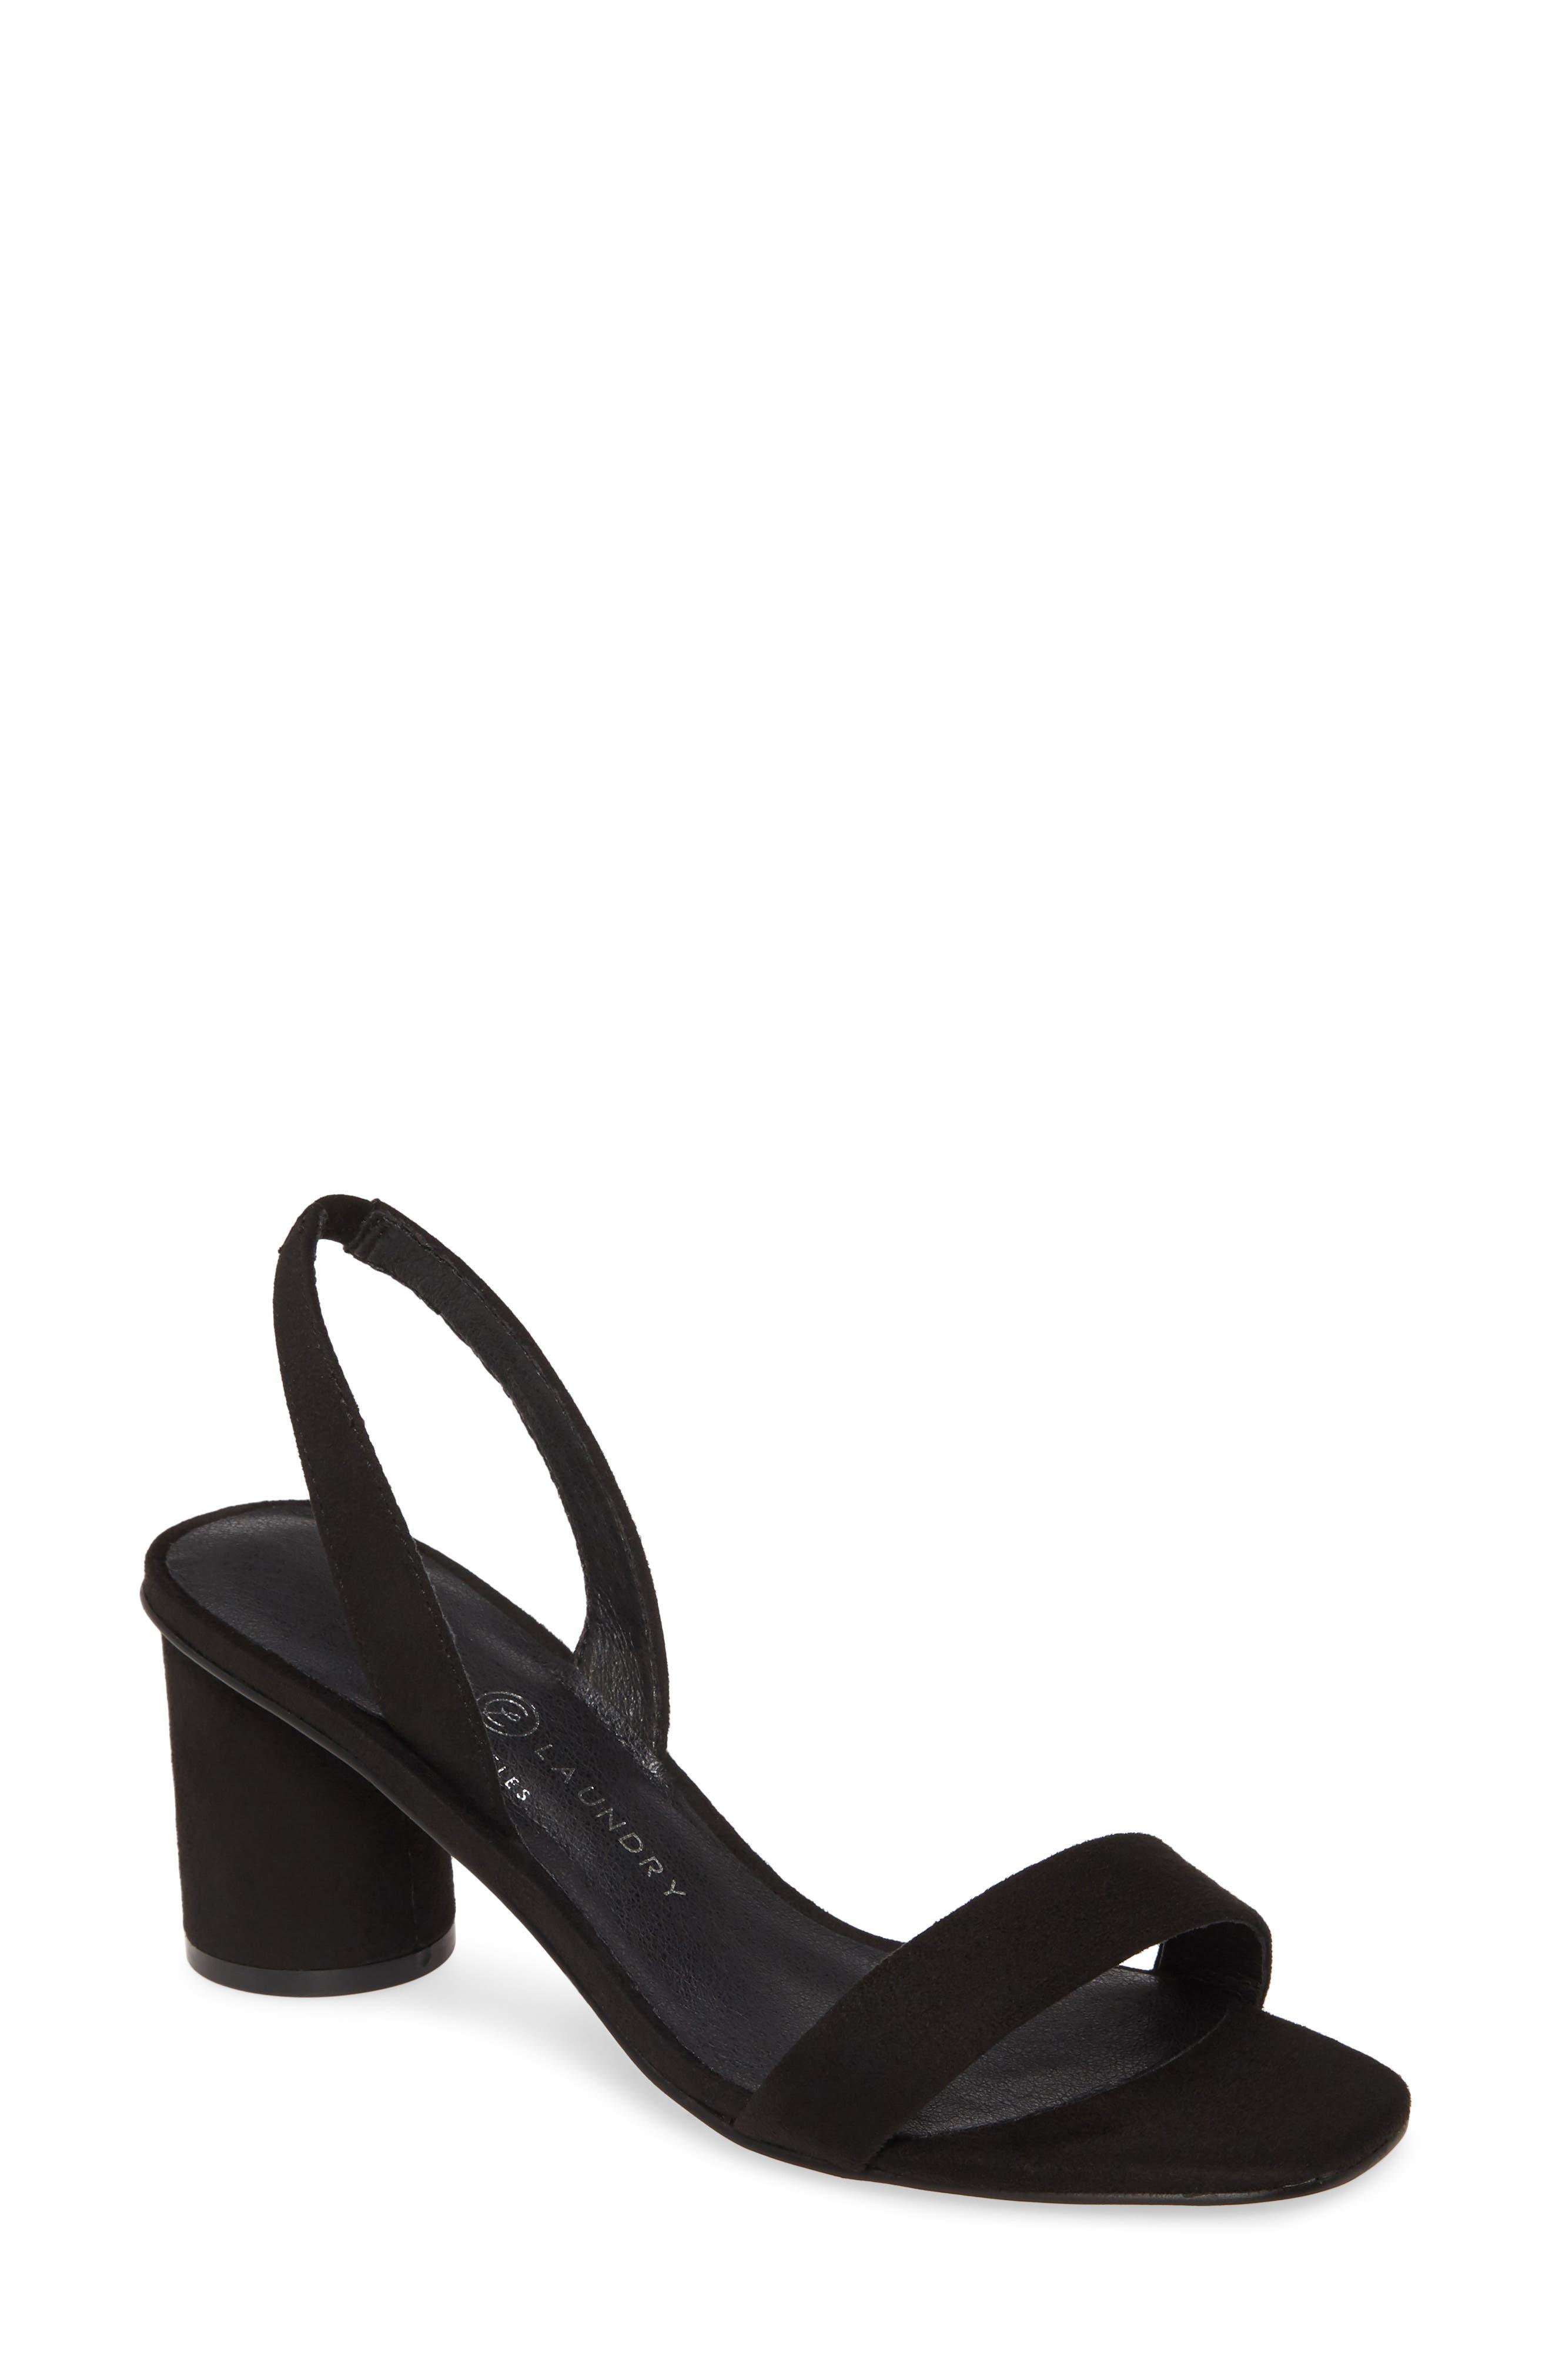 Image of Chinese Laundry Yumi Slingback Sandal